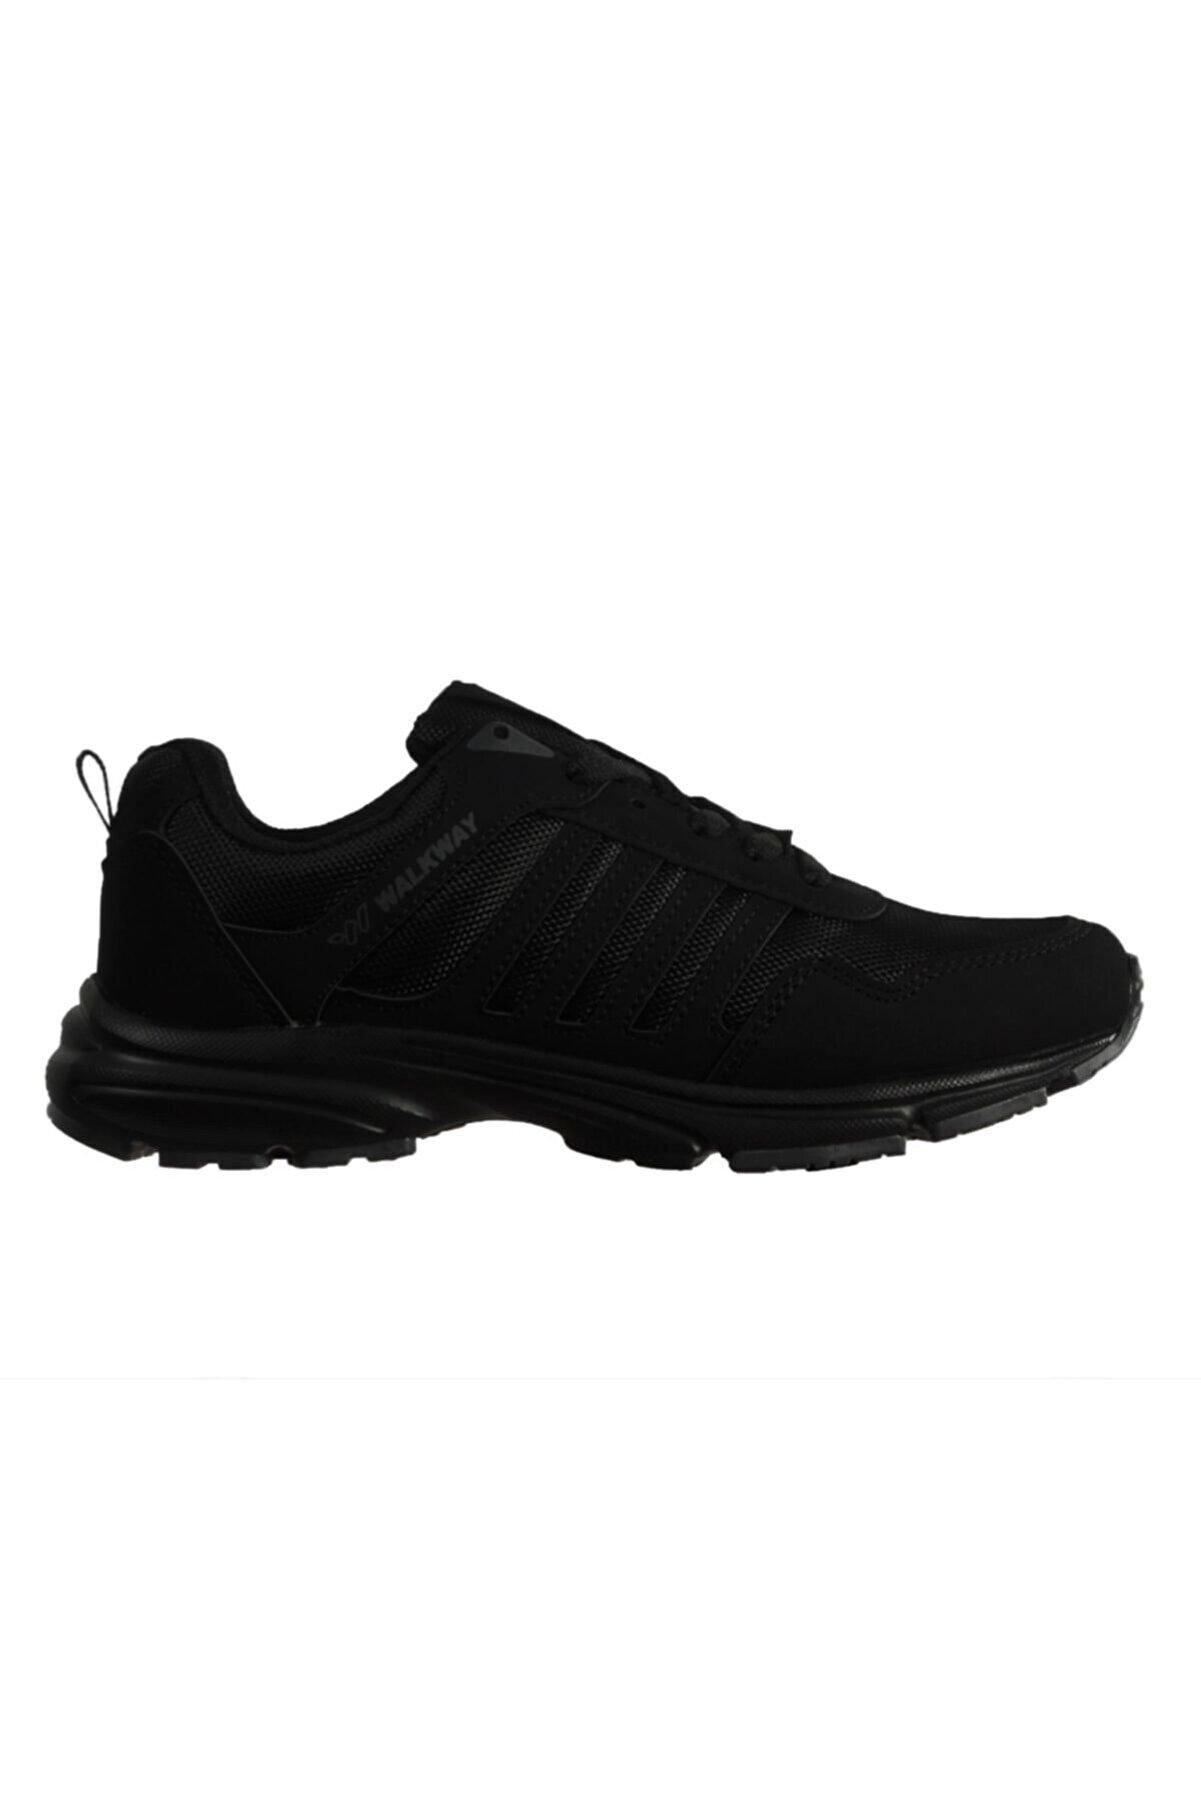 WALKWAY 2096 Siyah Unisex Spor Ayakkabı